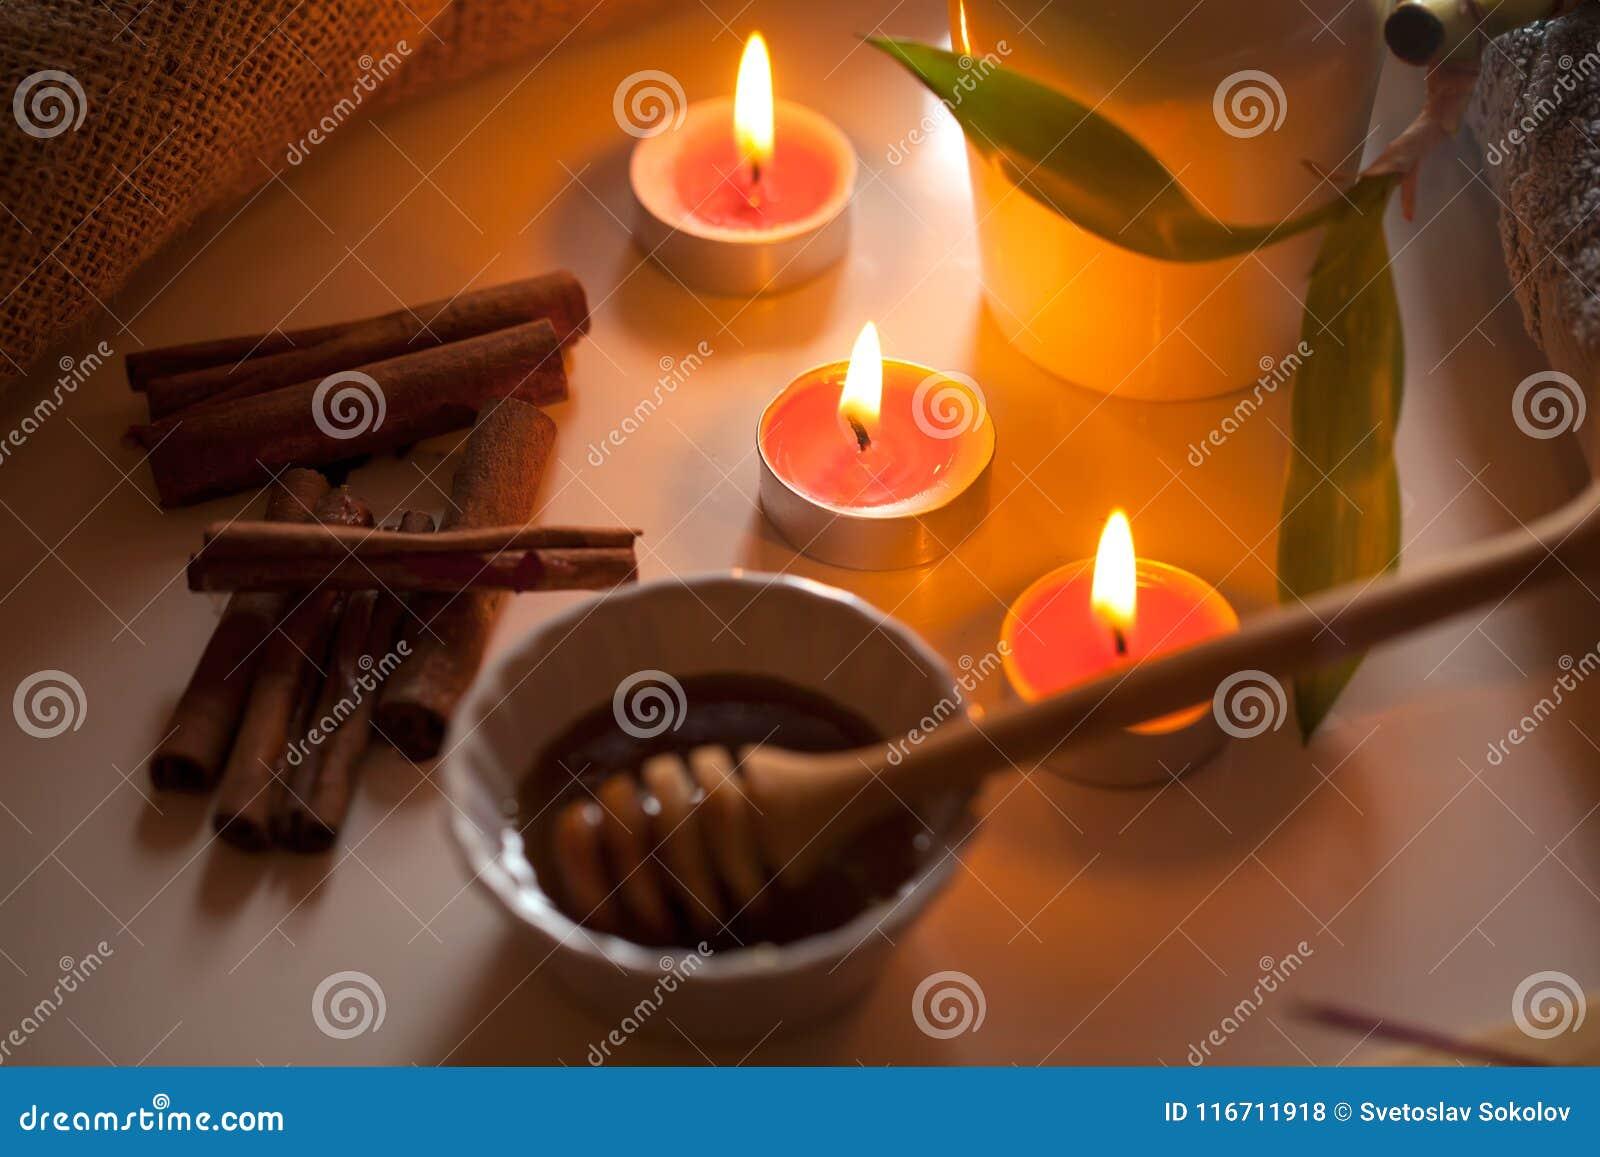 Miele e candele aromatiche sulla tavola